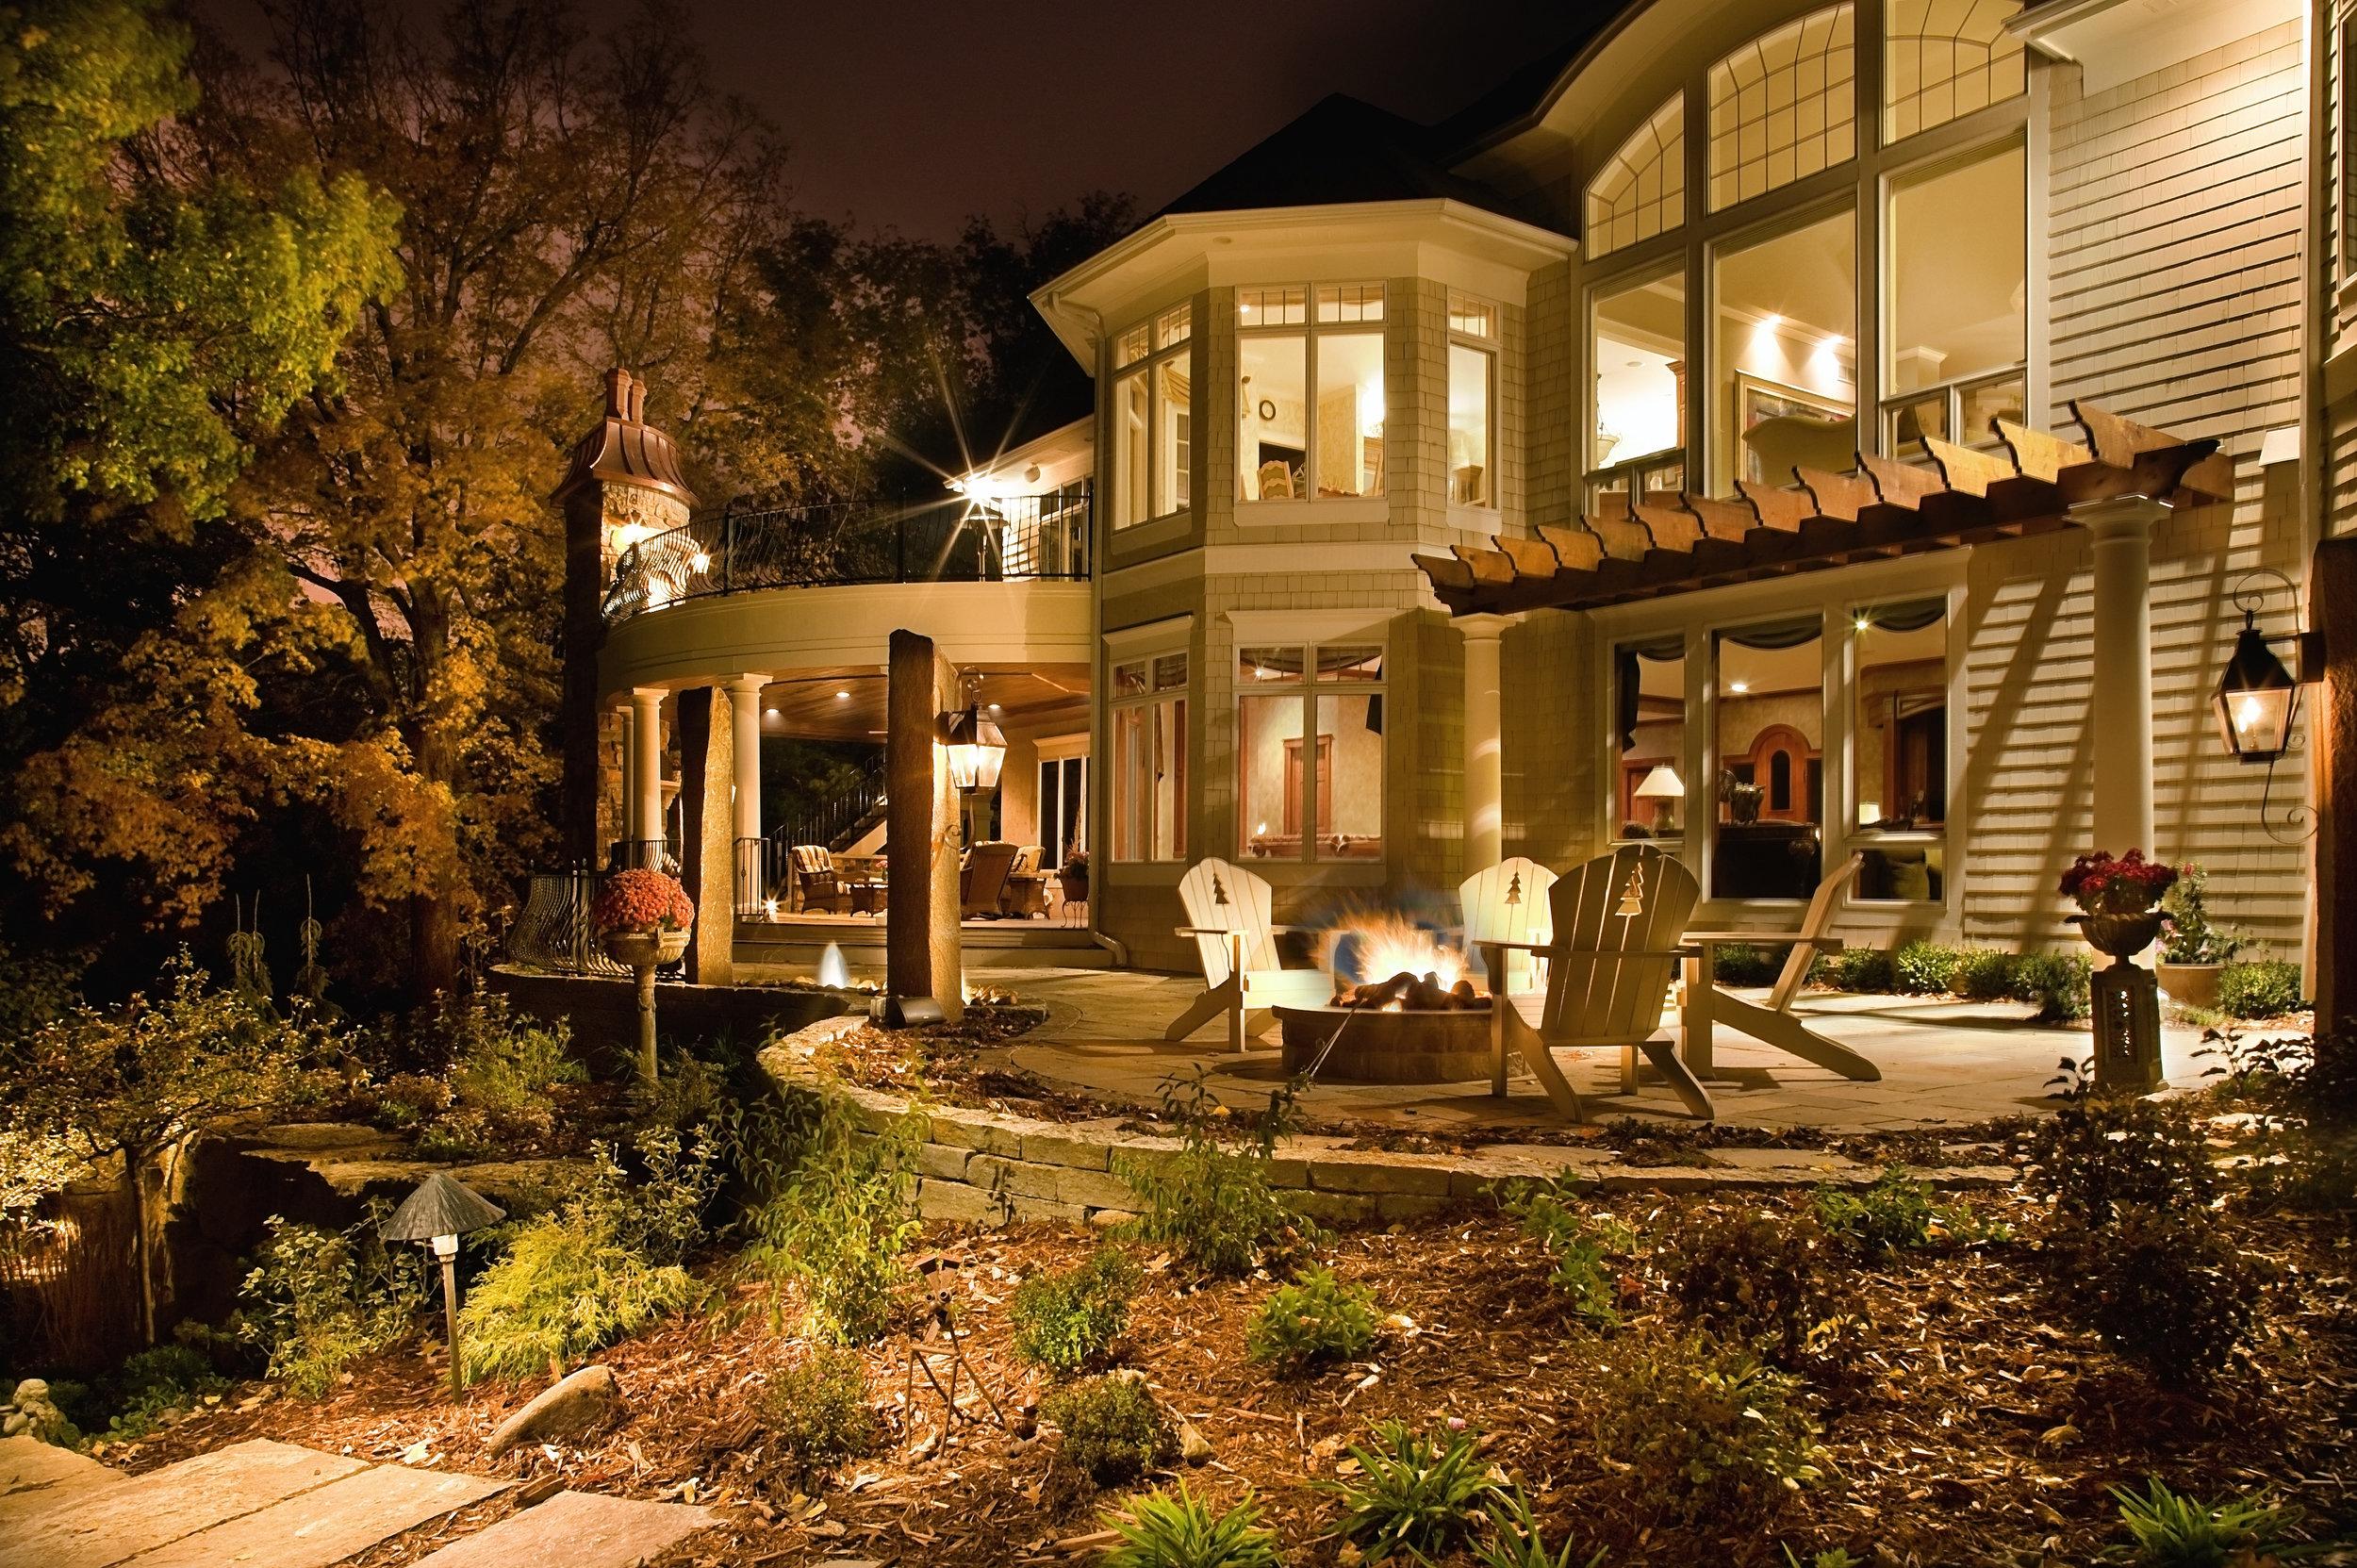 Moms Design Build - Backyard Fireplace Deck Remodel